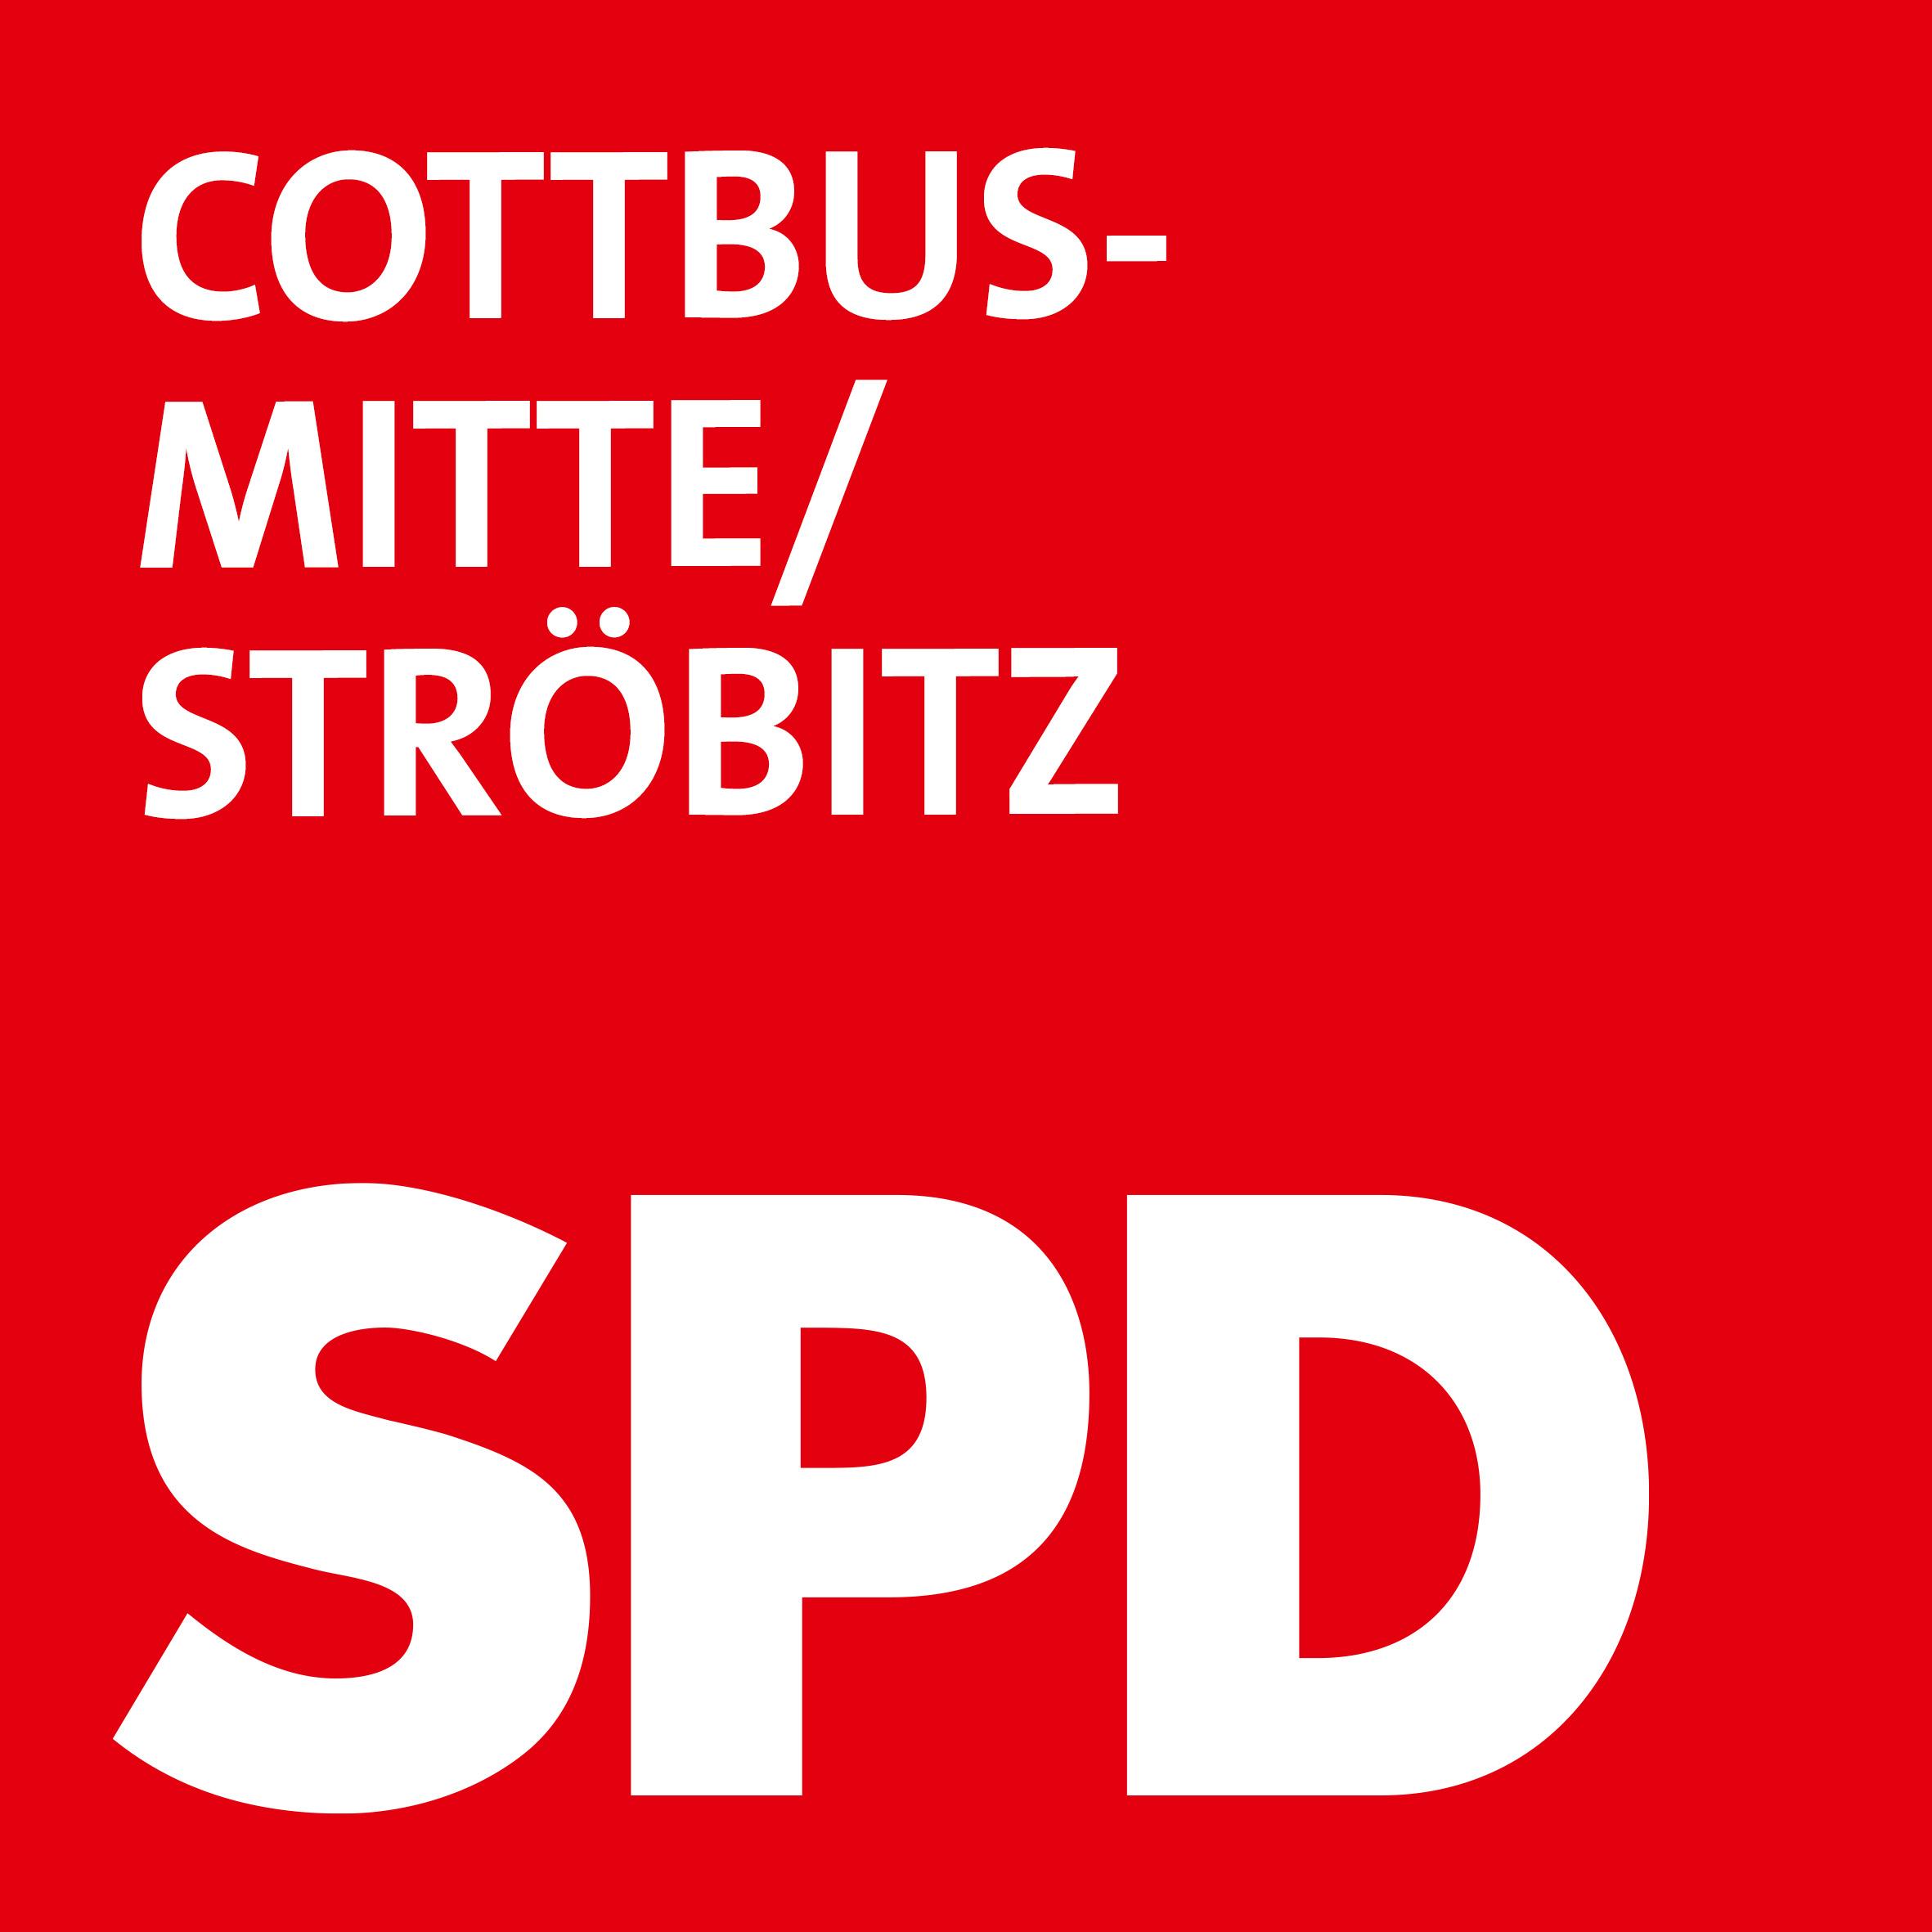 SPD Cottbus-Mitte/Ströbitz